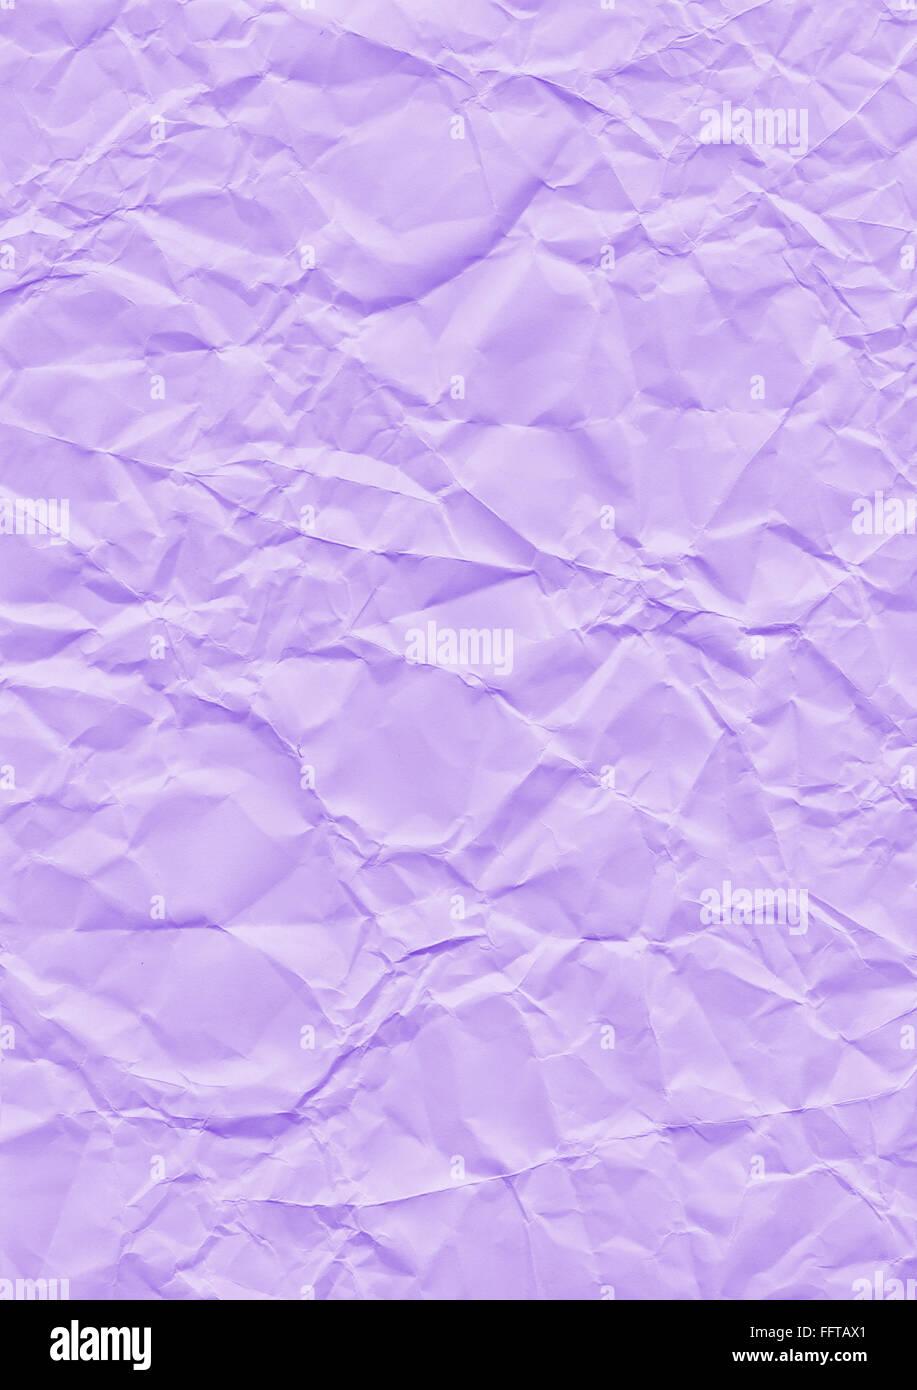 Knitter Hintergrund lila Papier geknickt Knicke knicken zerknittert Knautsch zerknautscht kaputt gefaltet falten - Stock Image